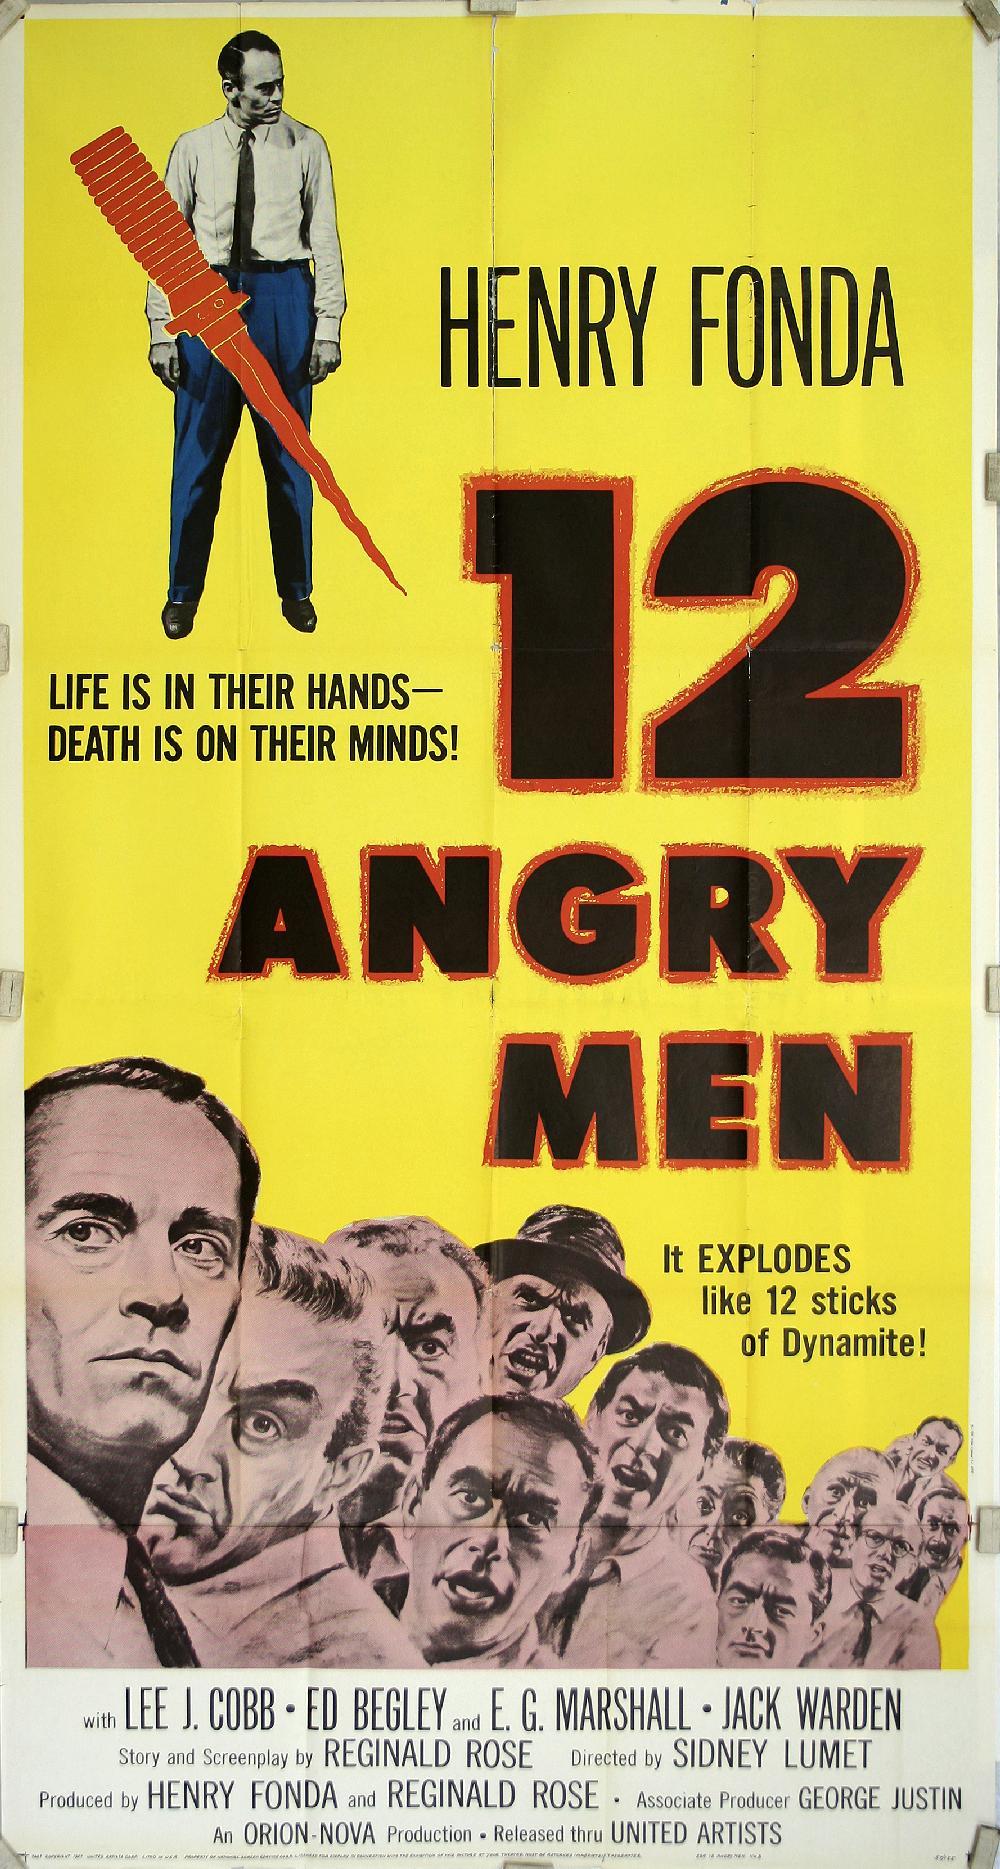 23- 12 Homens e Uma Sentenca